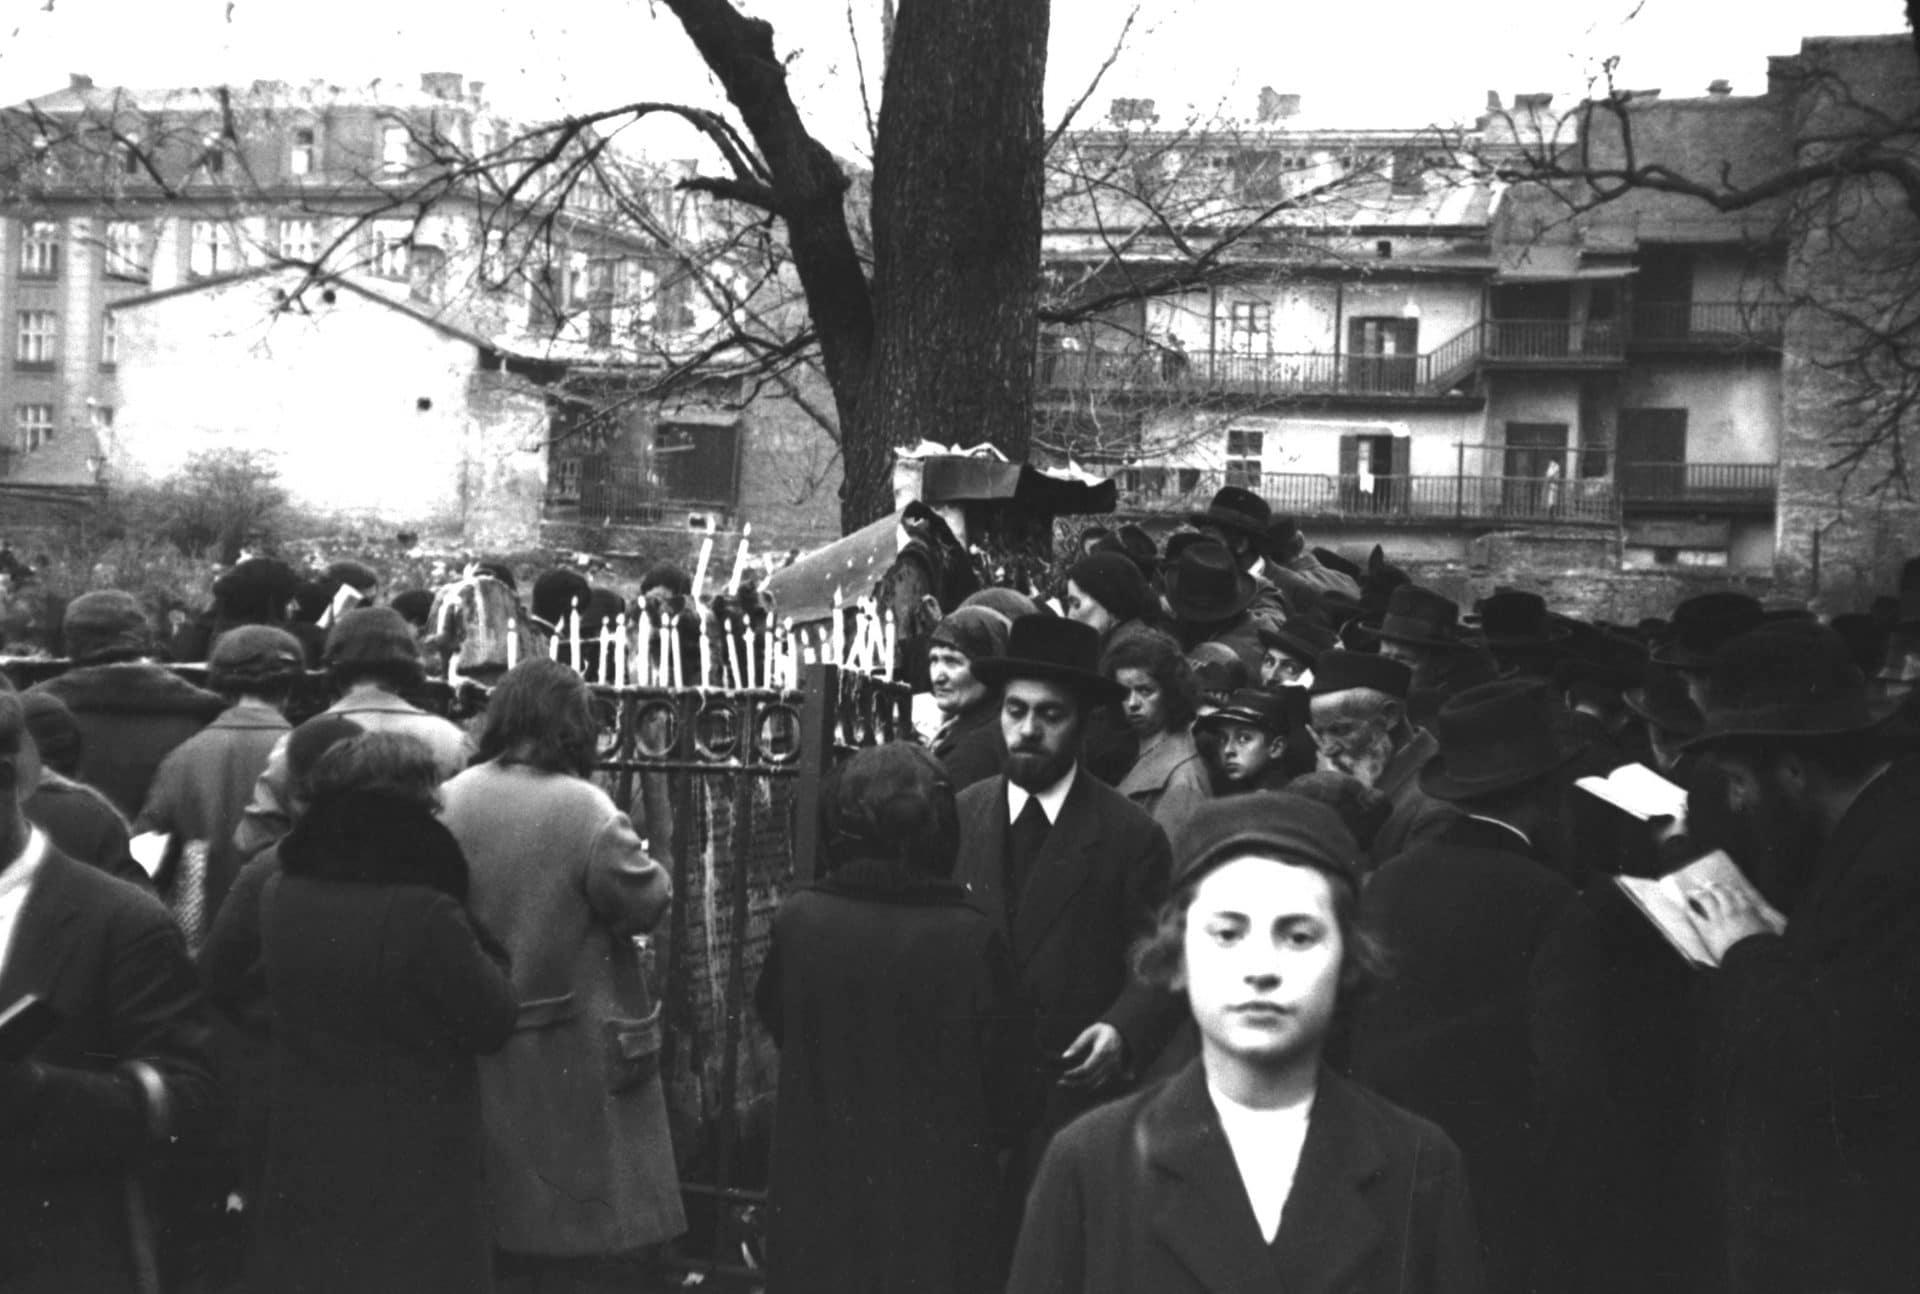 Święto rabina ReMU na Cmentarzu Remuh w Krakowie. 1931 rok. Źródło: Narodowe Archiwum Cyfrowe. Żydowski Kraków.